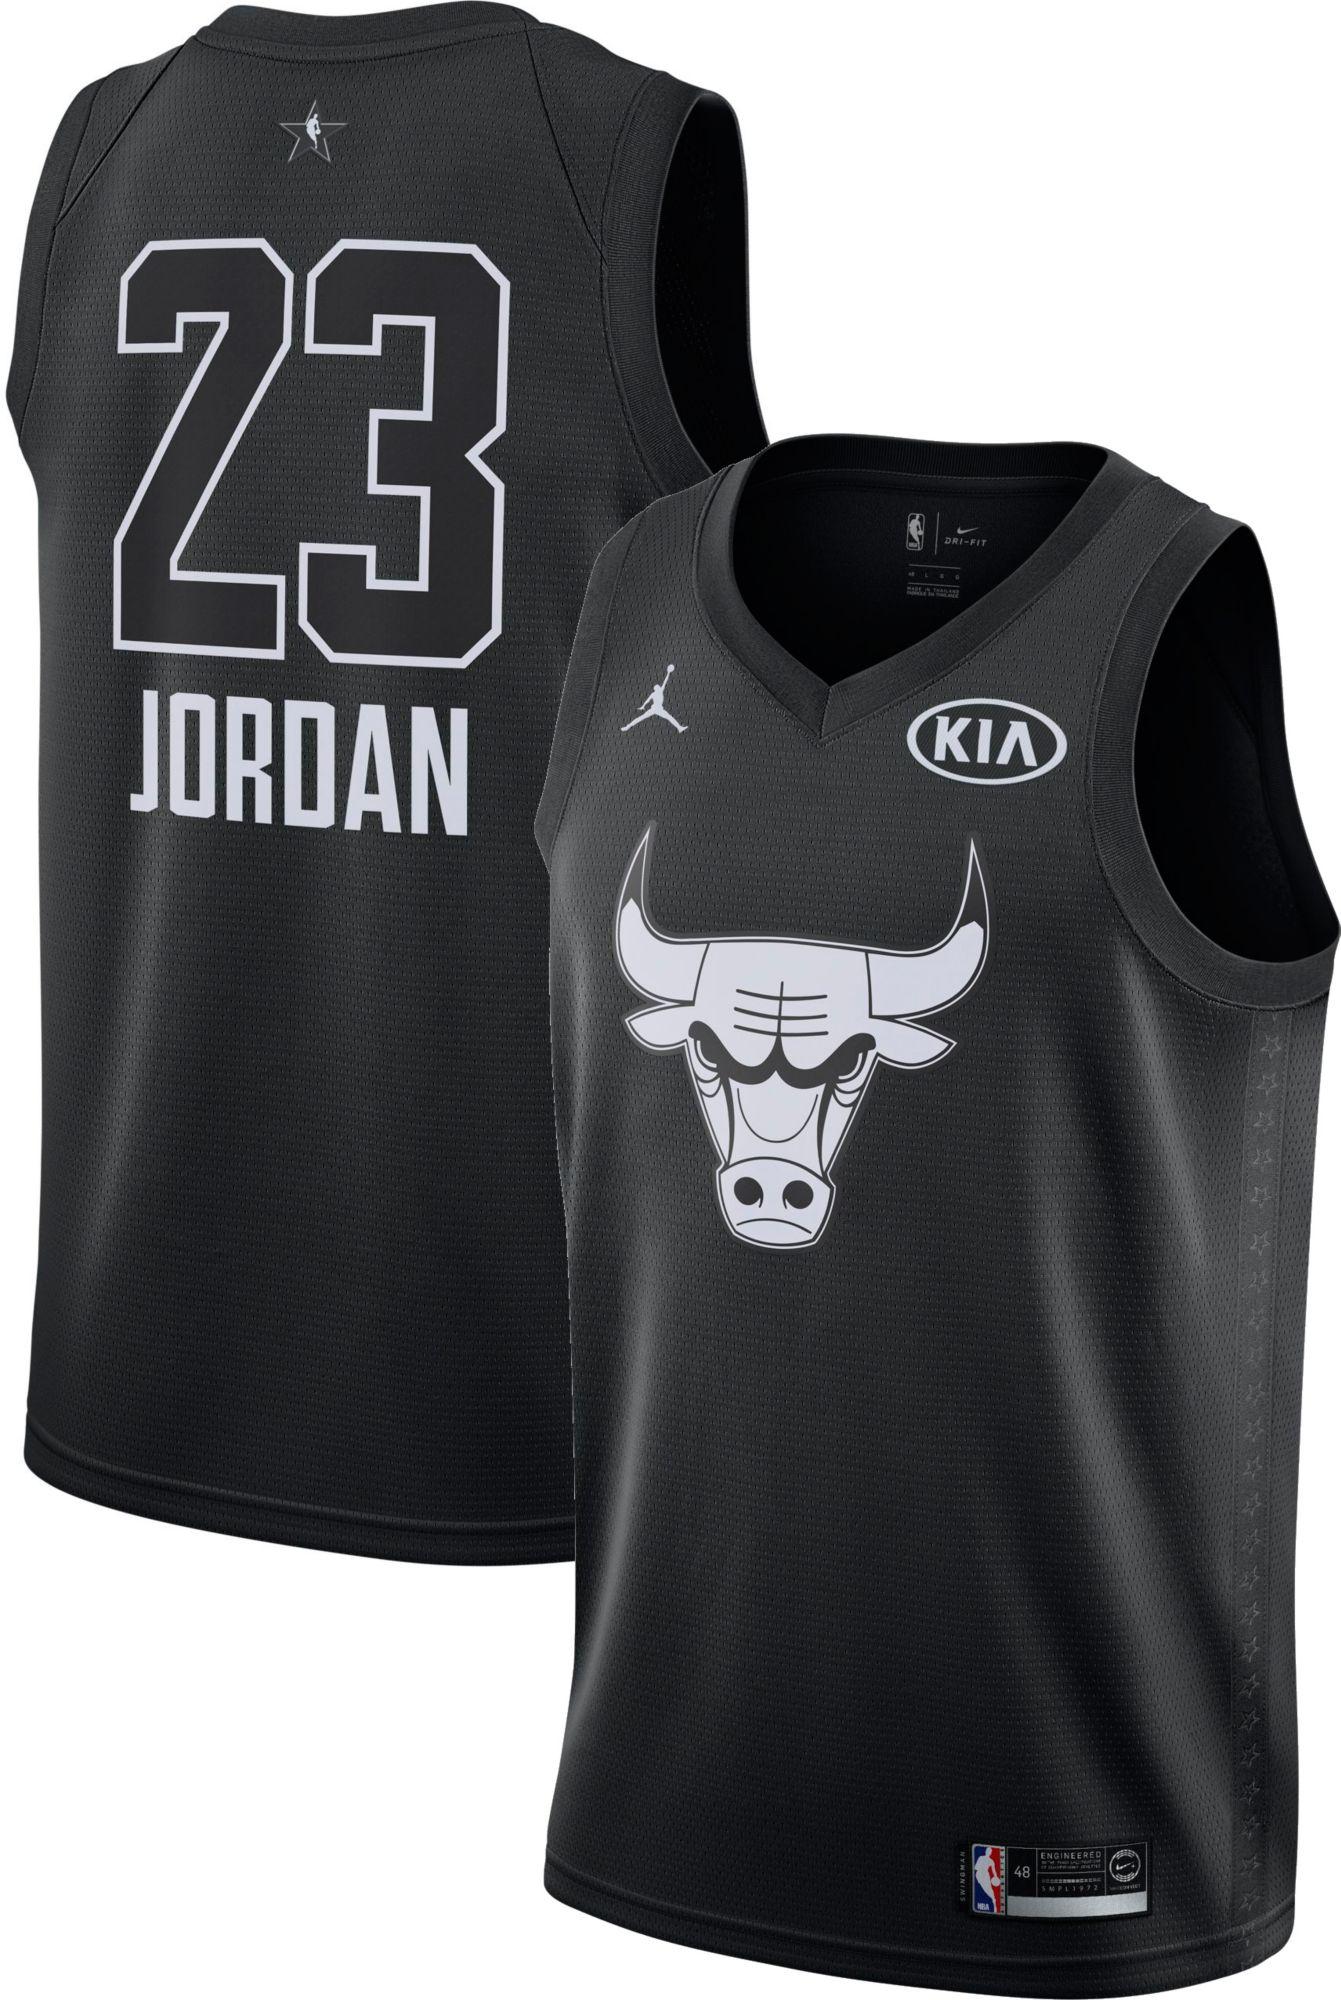 Jordan Men s 2018 NBA All Star Game Michael Jordan Black Dri FIT